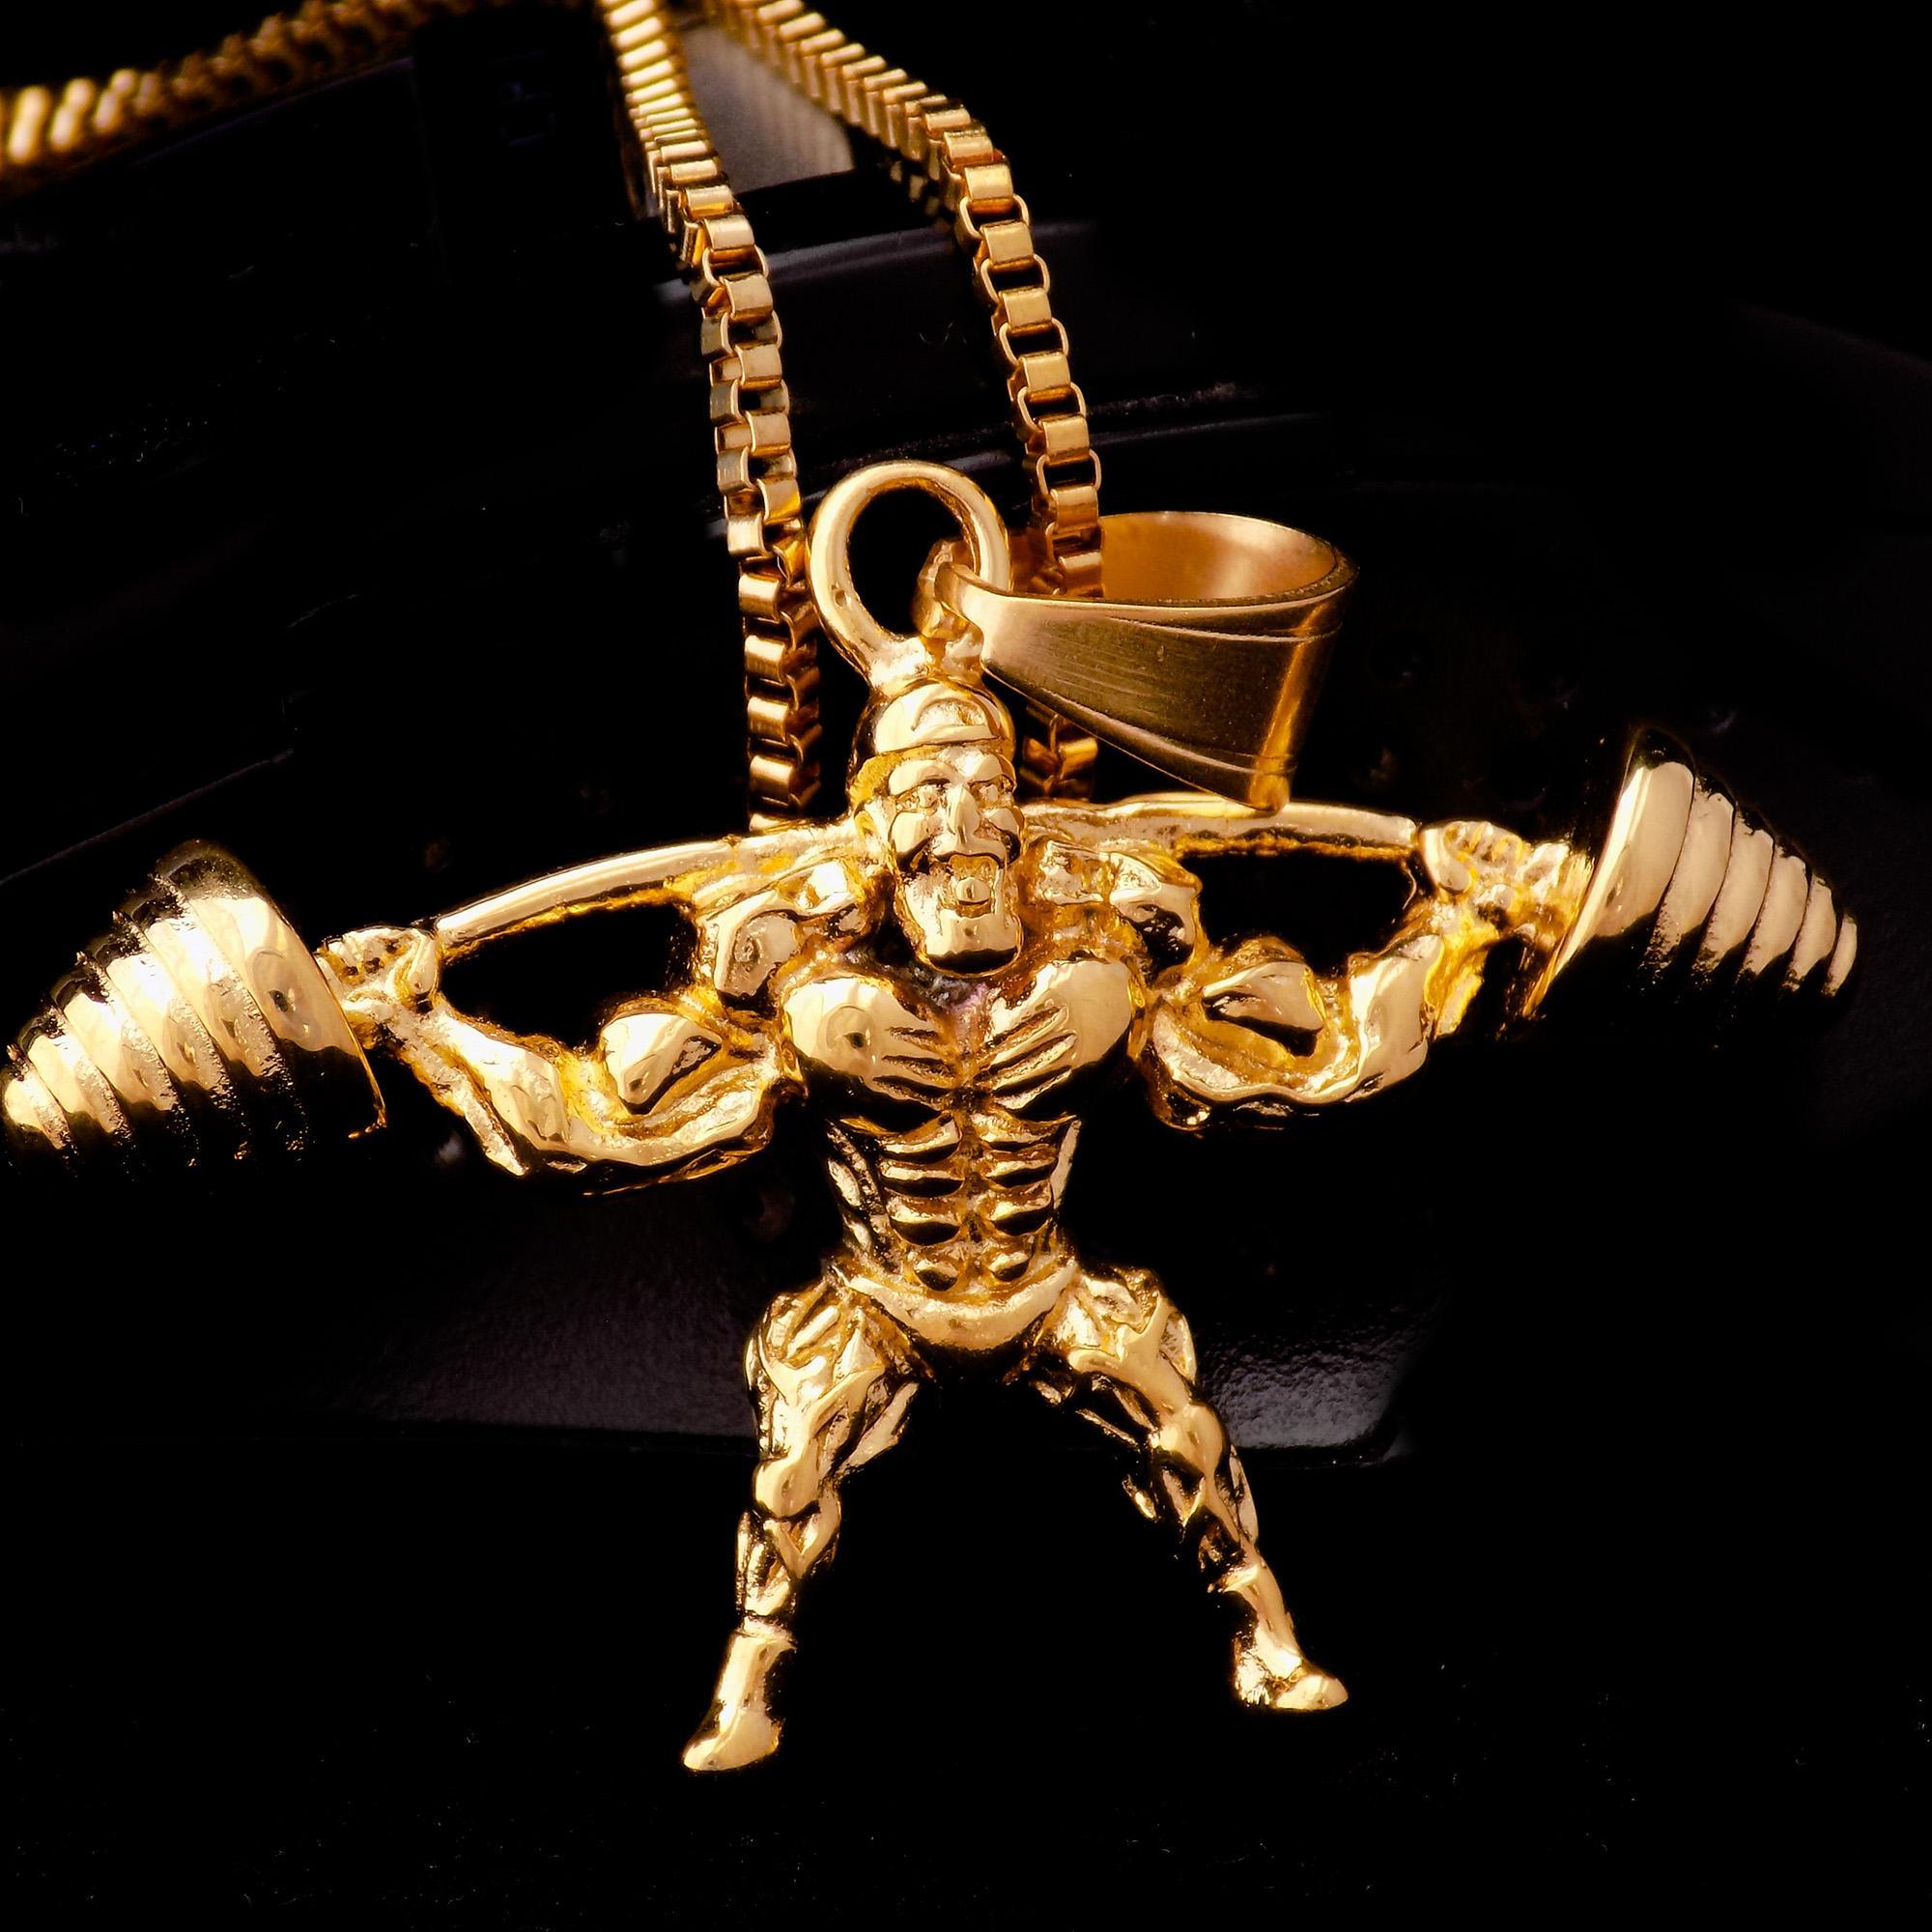 گردنبند مردانه طرح بدنسازی استیل طلایی nw-n499 از نمای مشکی